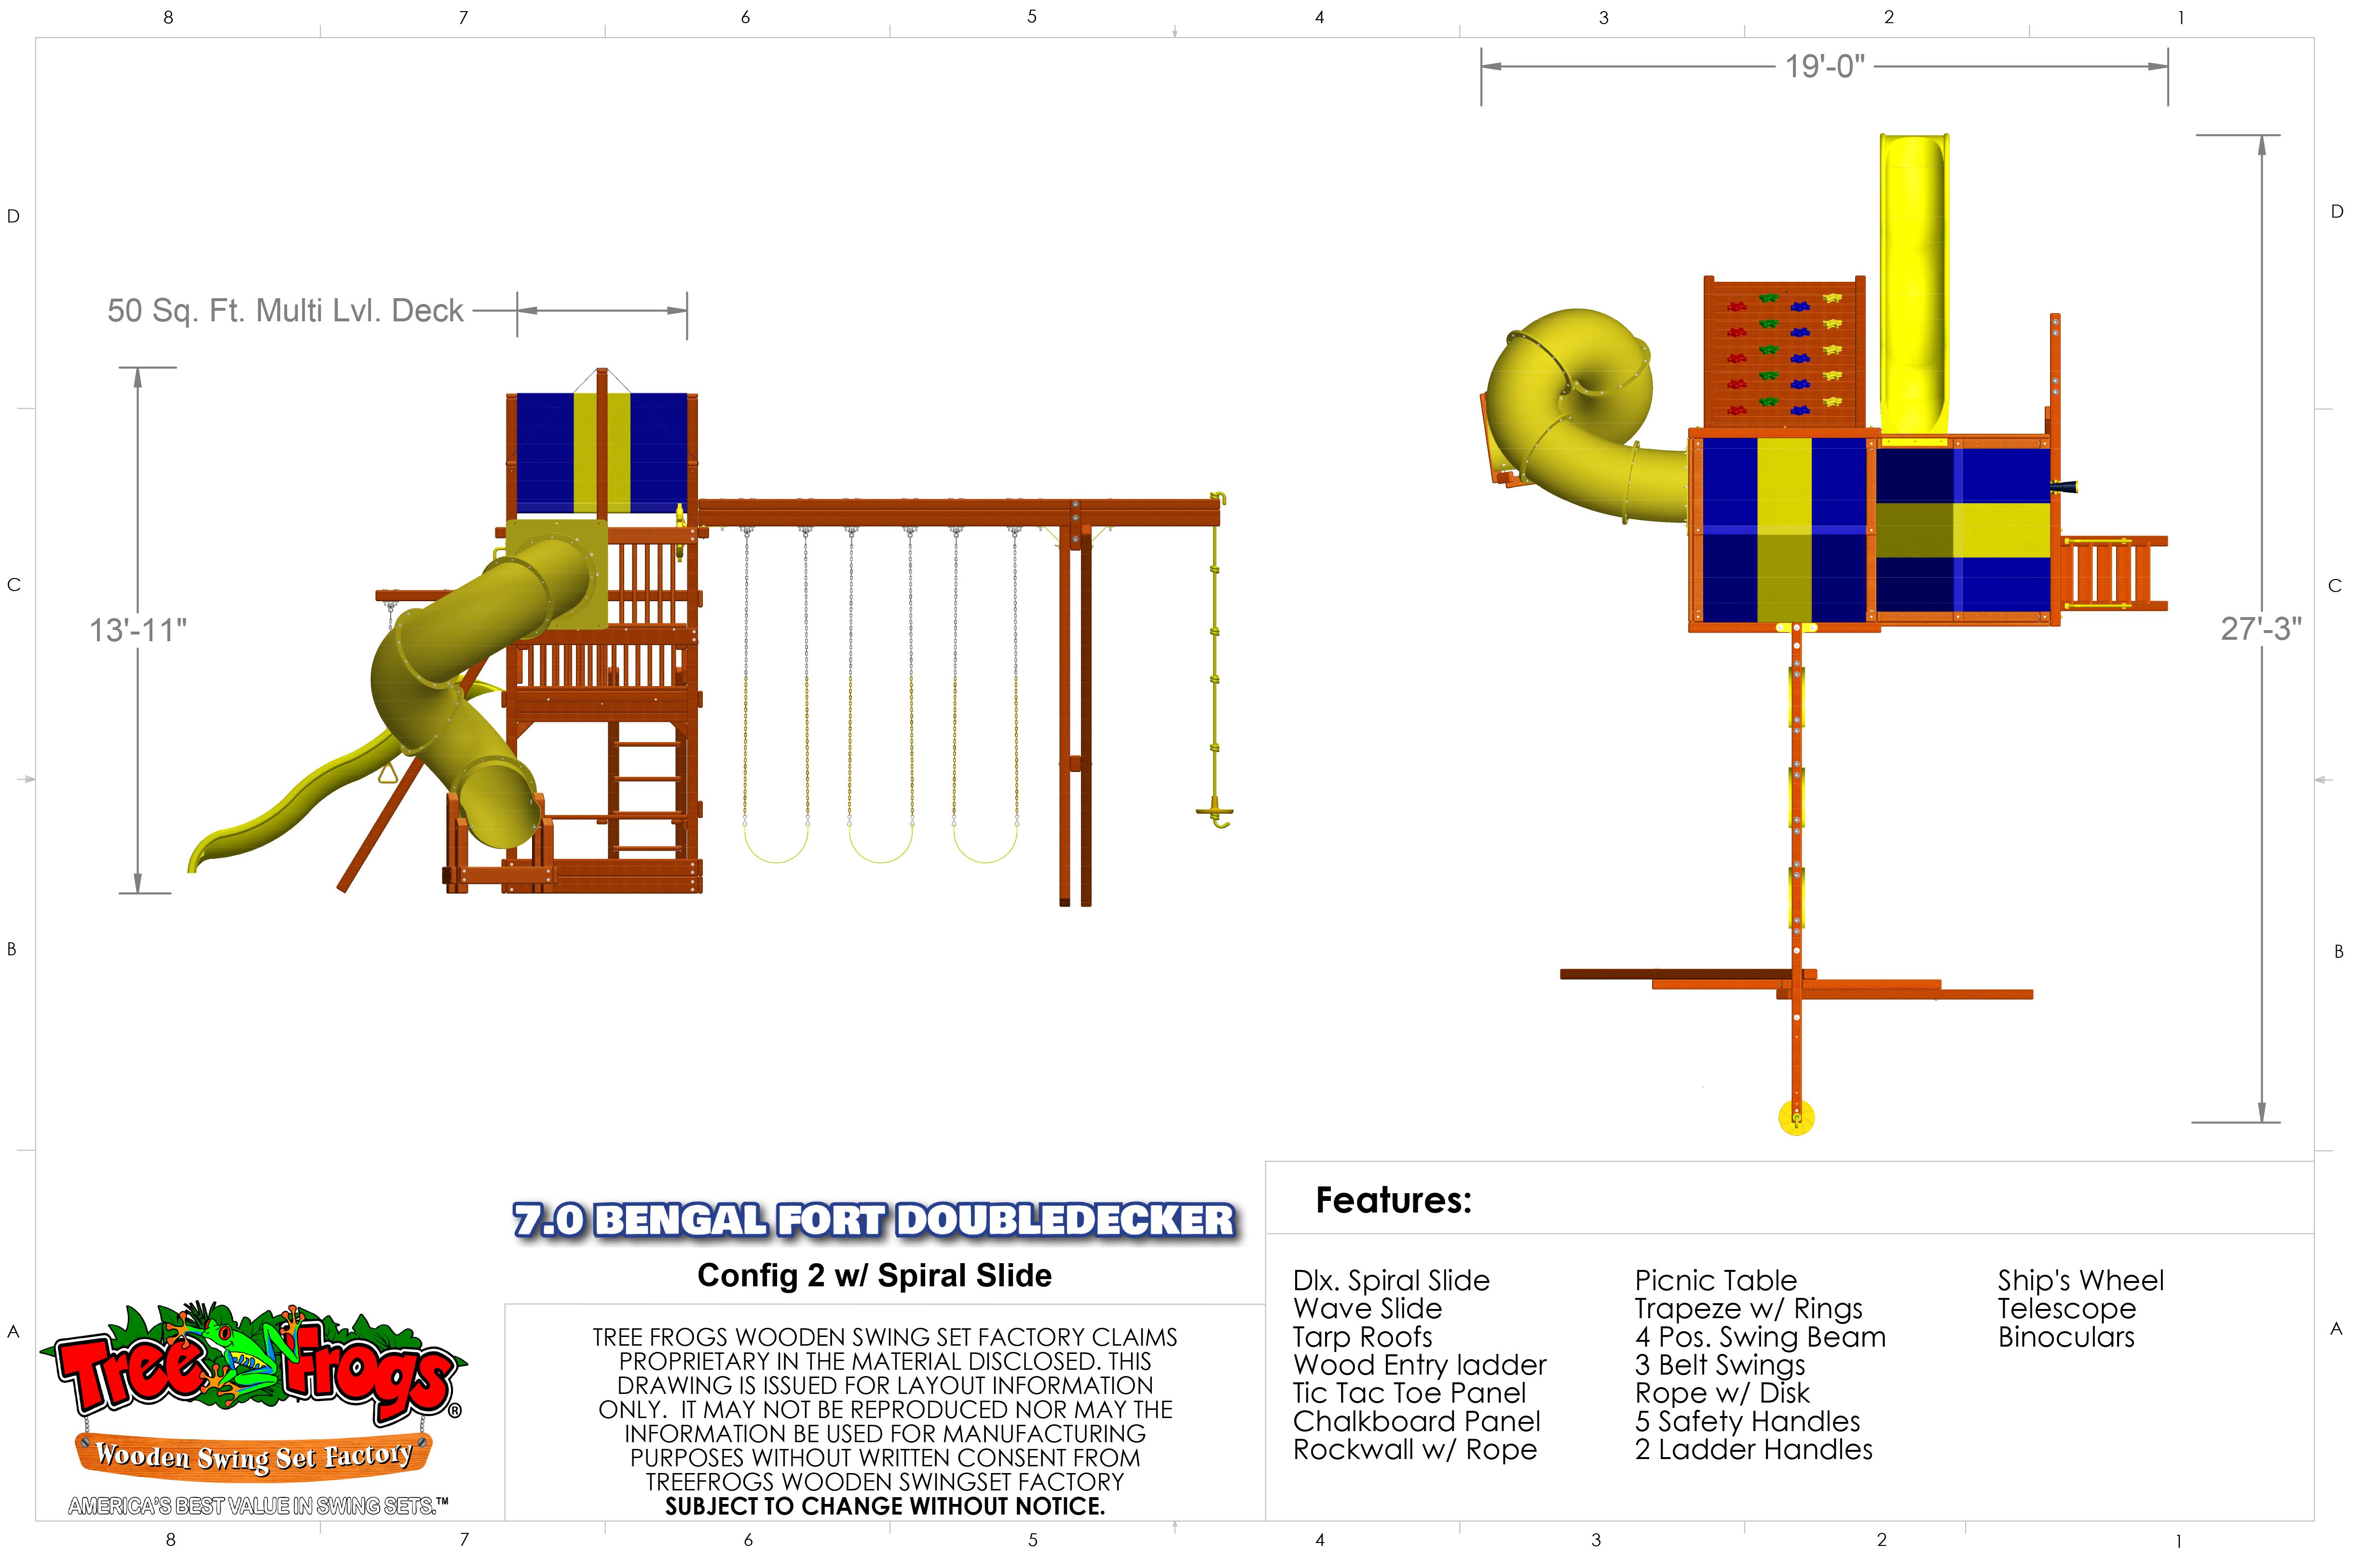 Pg 30T - 7.0 Bengal Fort DoubleDecker Config 2 - Spiral Slide